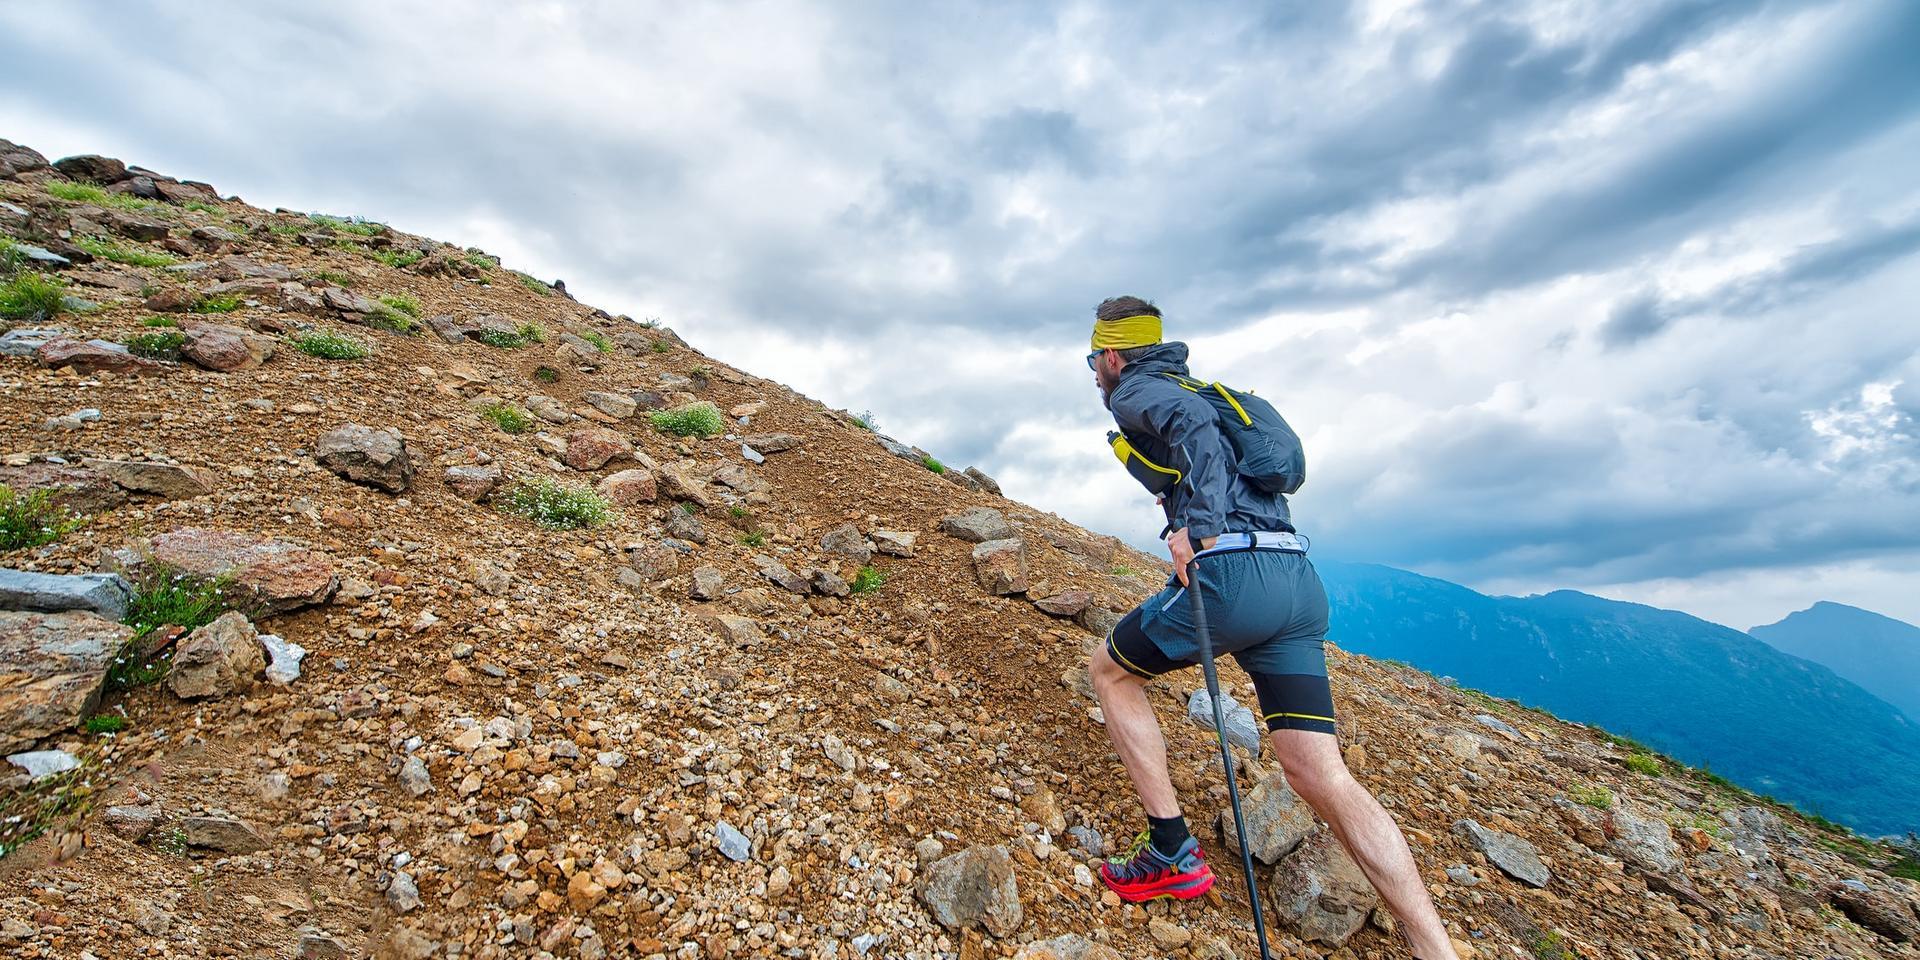 Ein Trailrunner läuft mit Trailrunning Stöcken in der Hand eine Bergwiese hinauf.